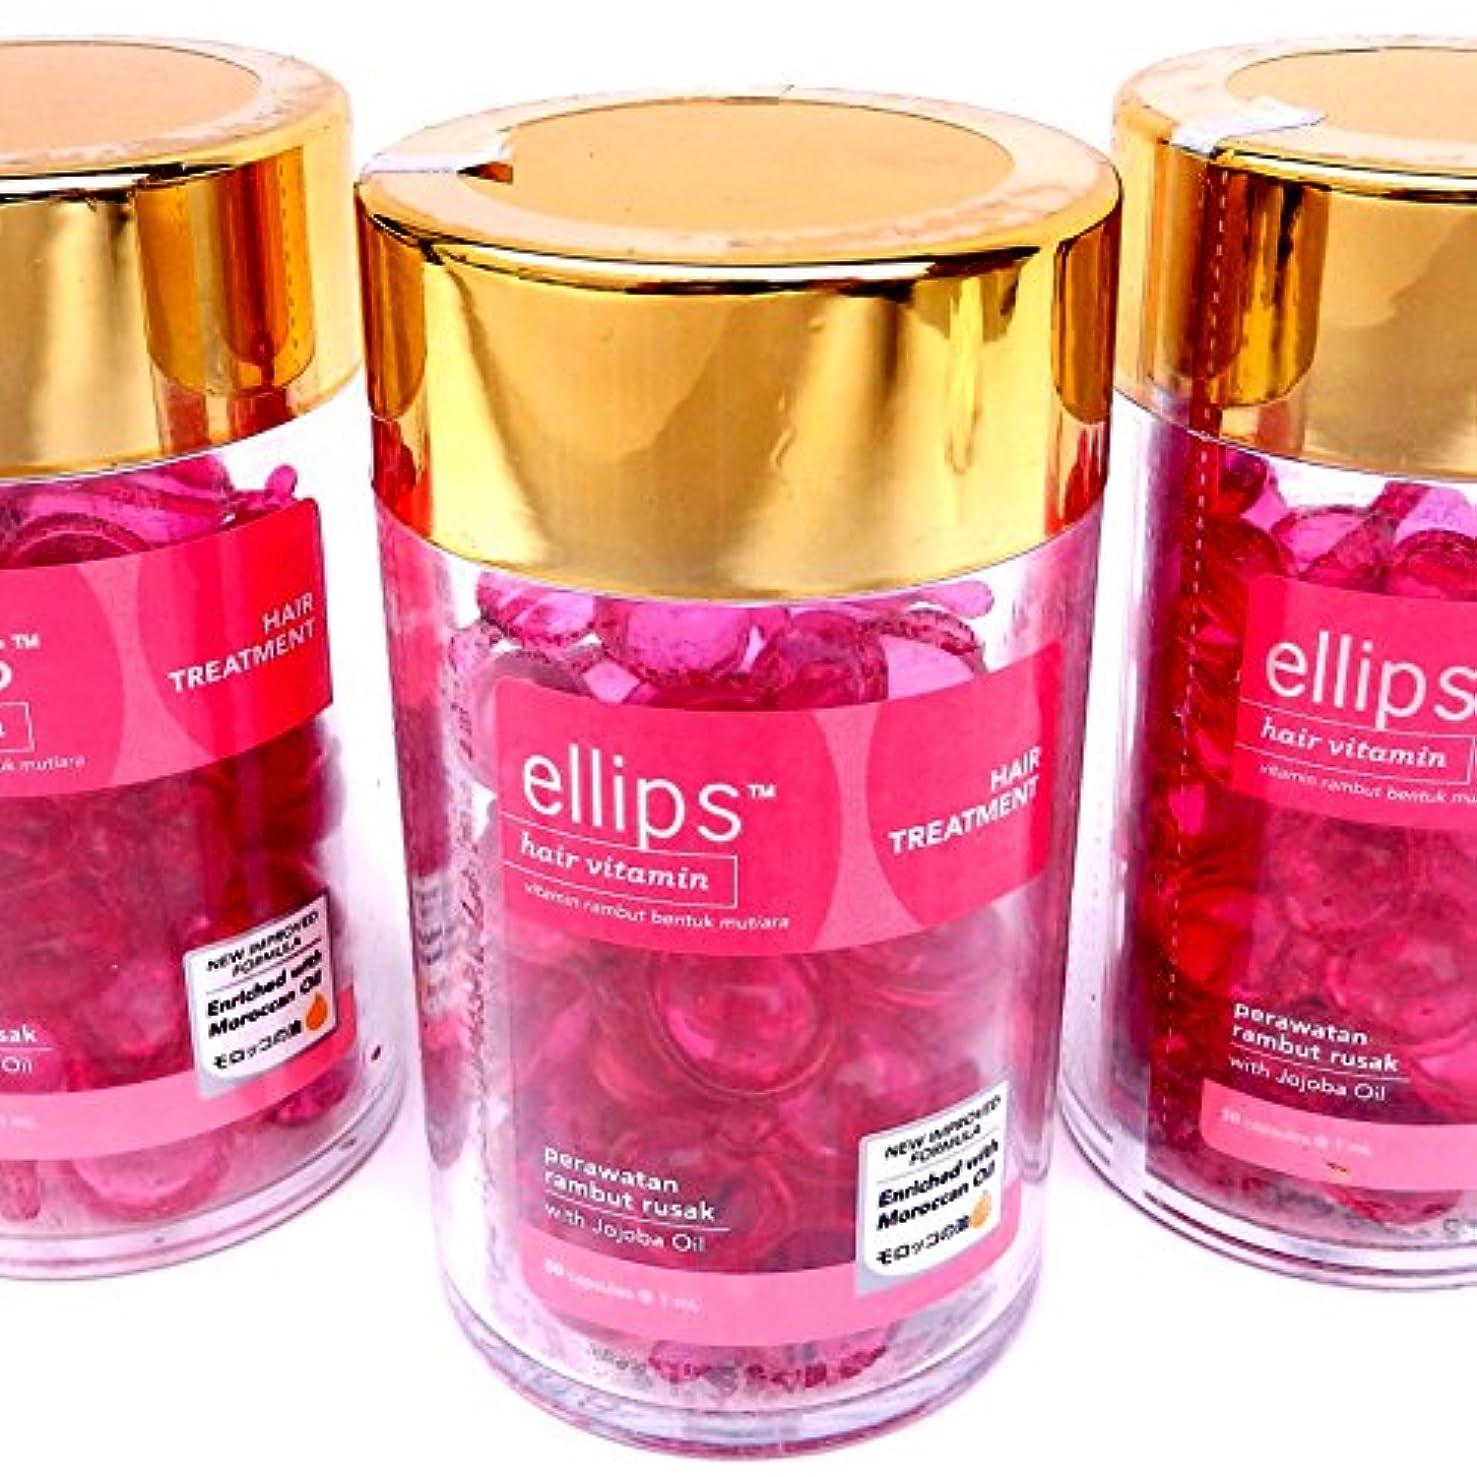 肥沃な離れて薬理学エリプス(Ellips) ヘアビタミン ピンク ボトル(50粒入)× 3 個セット[並行輸入品]